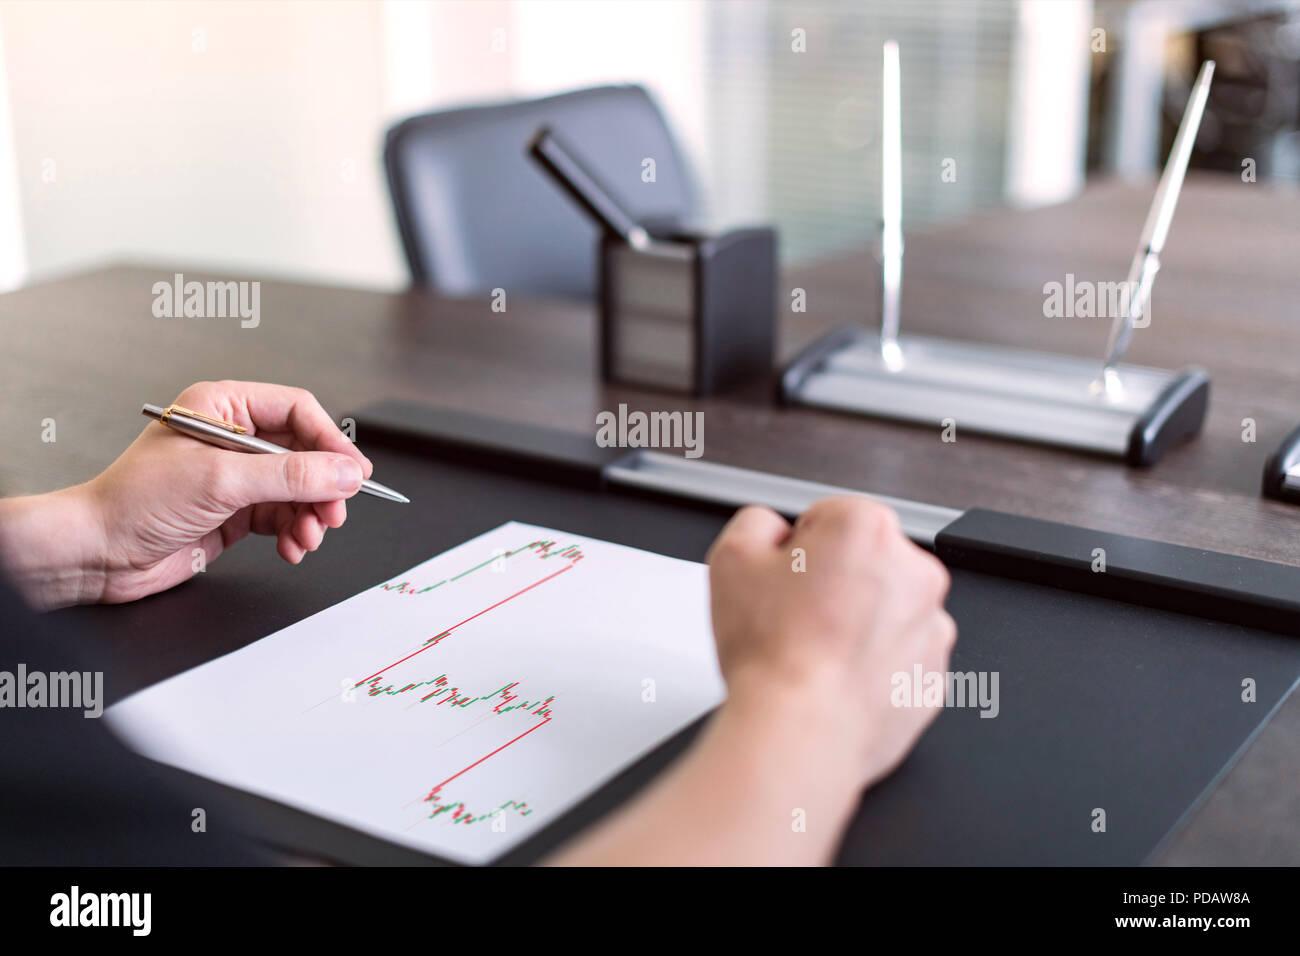 Uomo seduto a tavola e tiene la penna in mano sinistra. Ci sono fogli di carta con un diagramma di negoziazione sul tavolo. Concetto foto. Immagini Stock